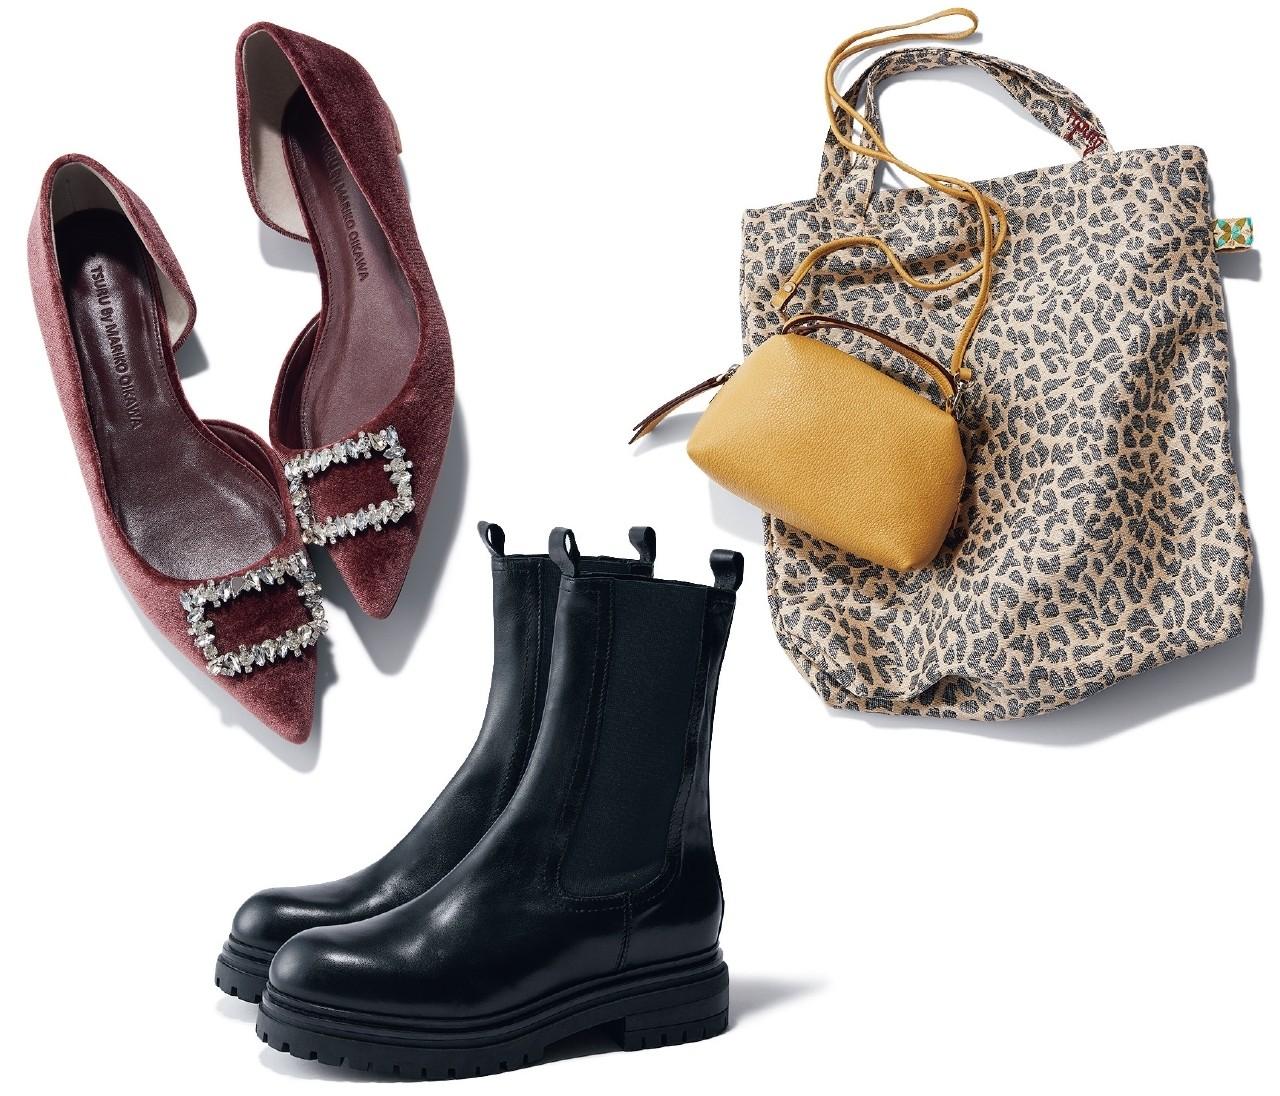 【秋の新作バッグ&靴】働く女性が使いやすいバッグ&靴をスタイリストがチョイス!